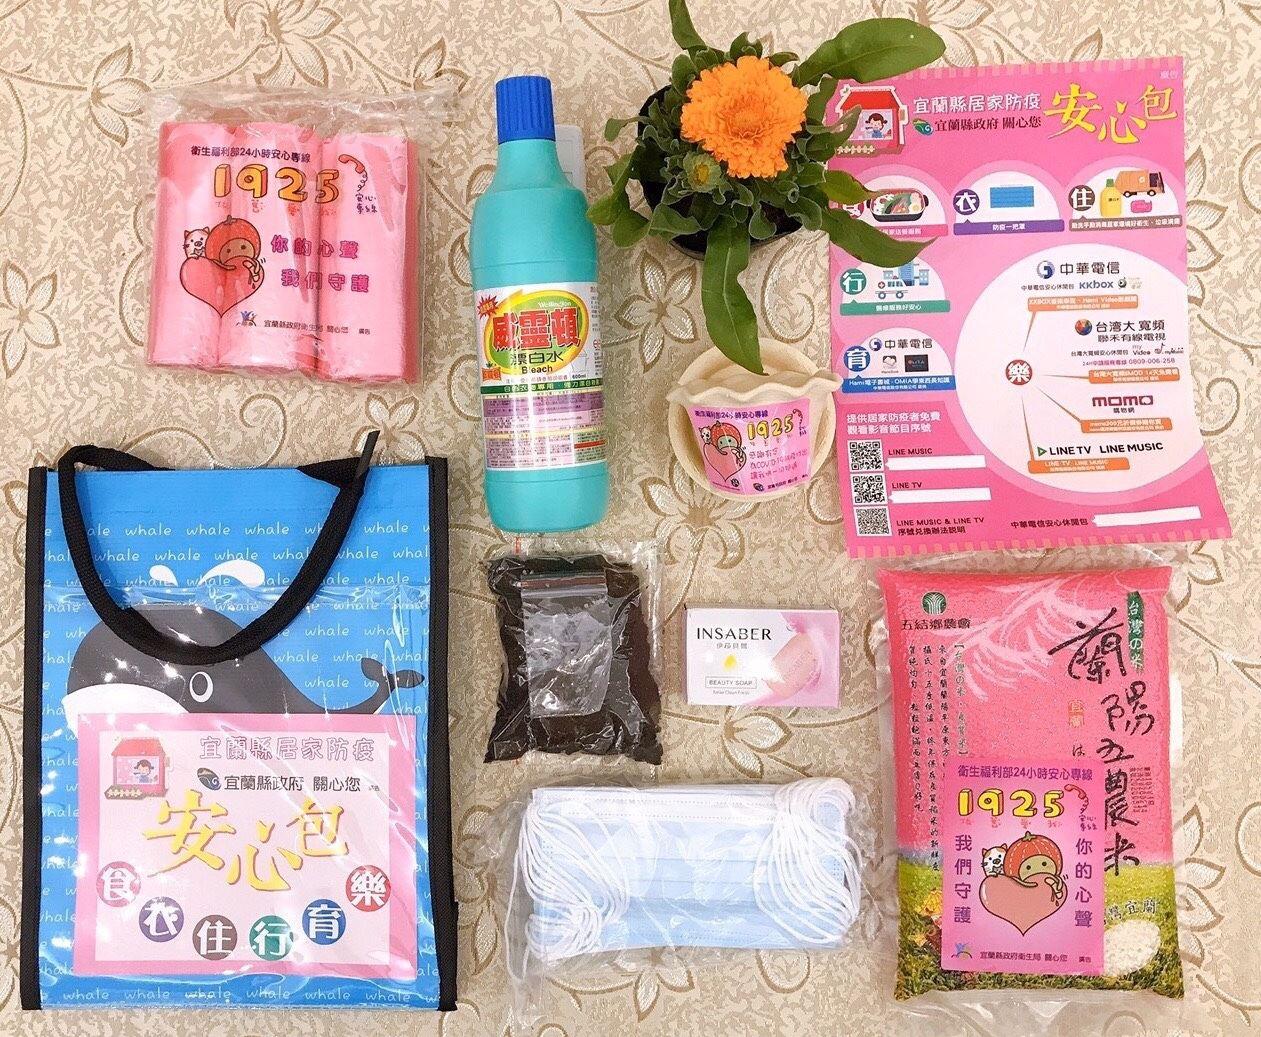 防疫安心包提供口罩、白米、漂白水、肥皂、及療癒盆栽等